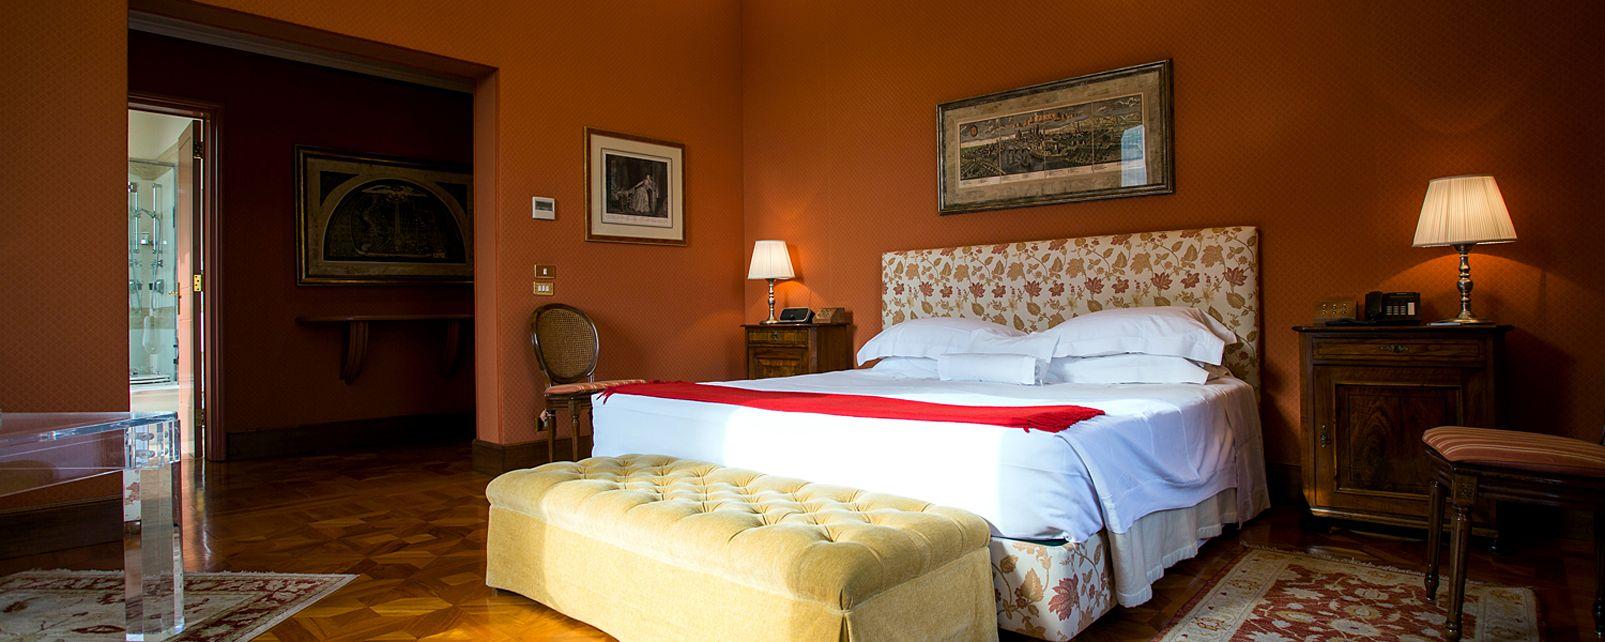 Hotel Villa Spalletti Trivelli